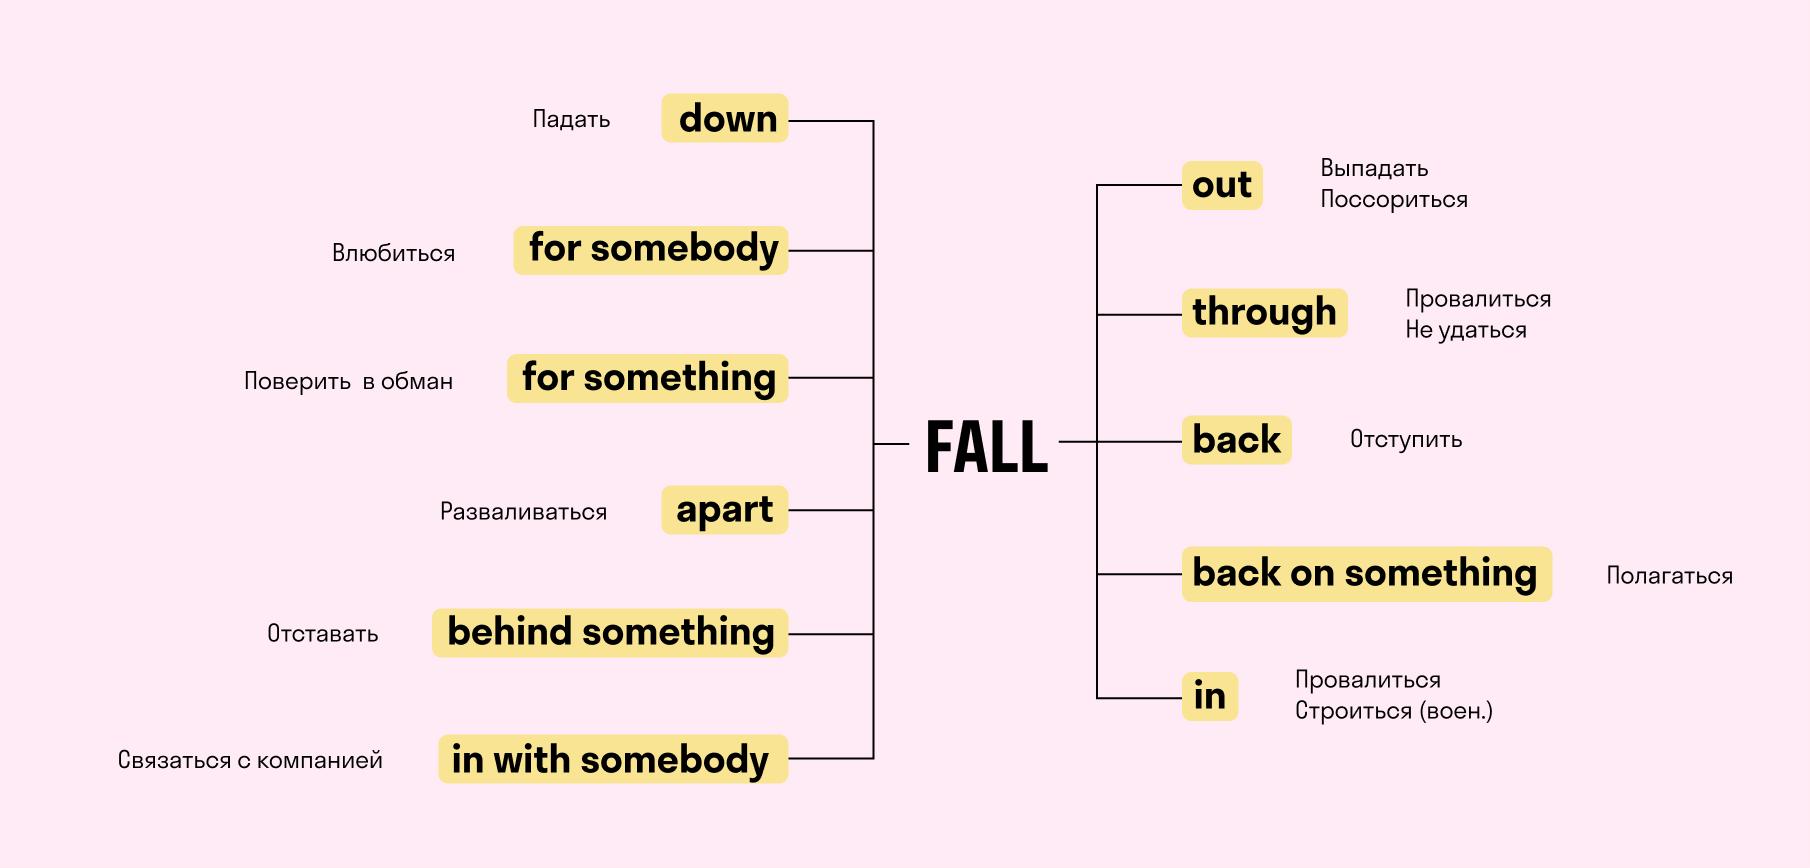 примеры сочетаний с глаголом fall